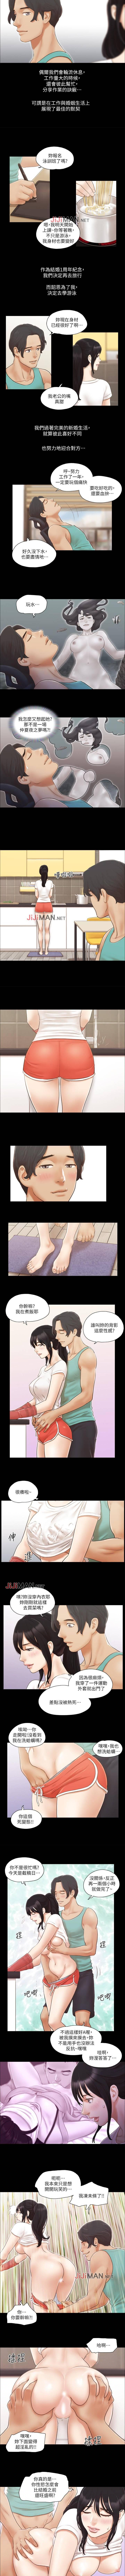 【周五连载】协议换爱(作者:遠德) 第1~62话 55